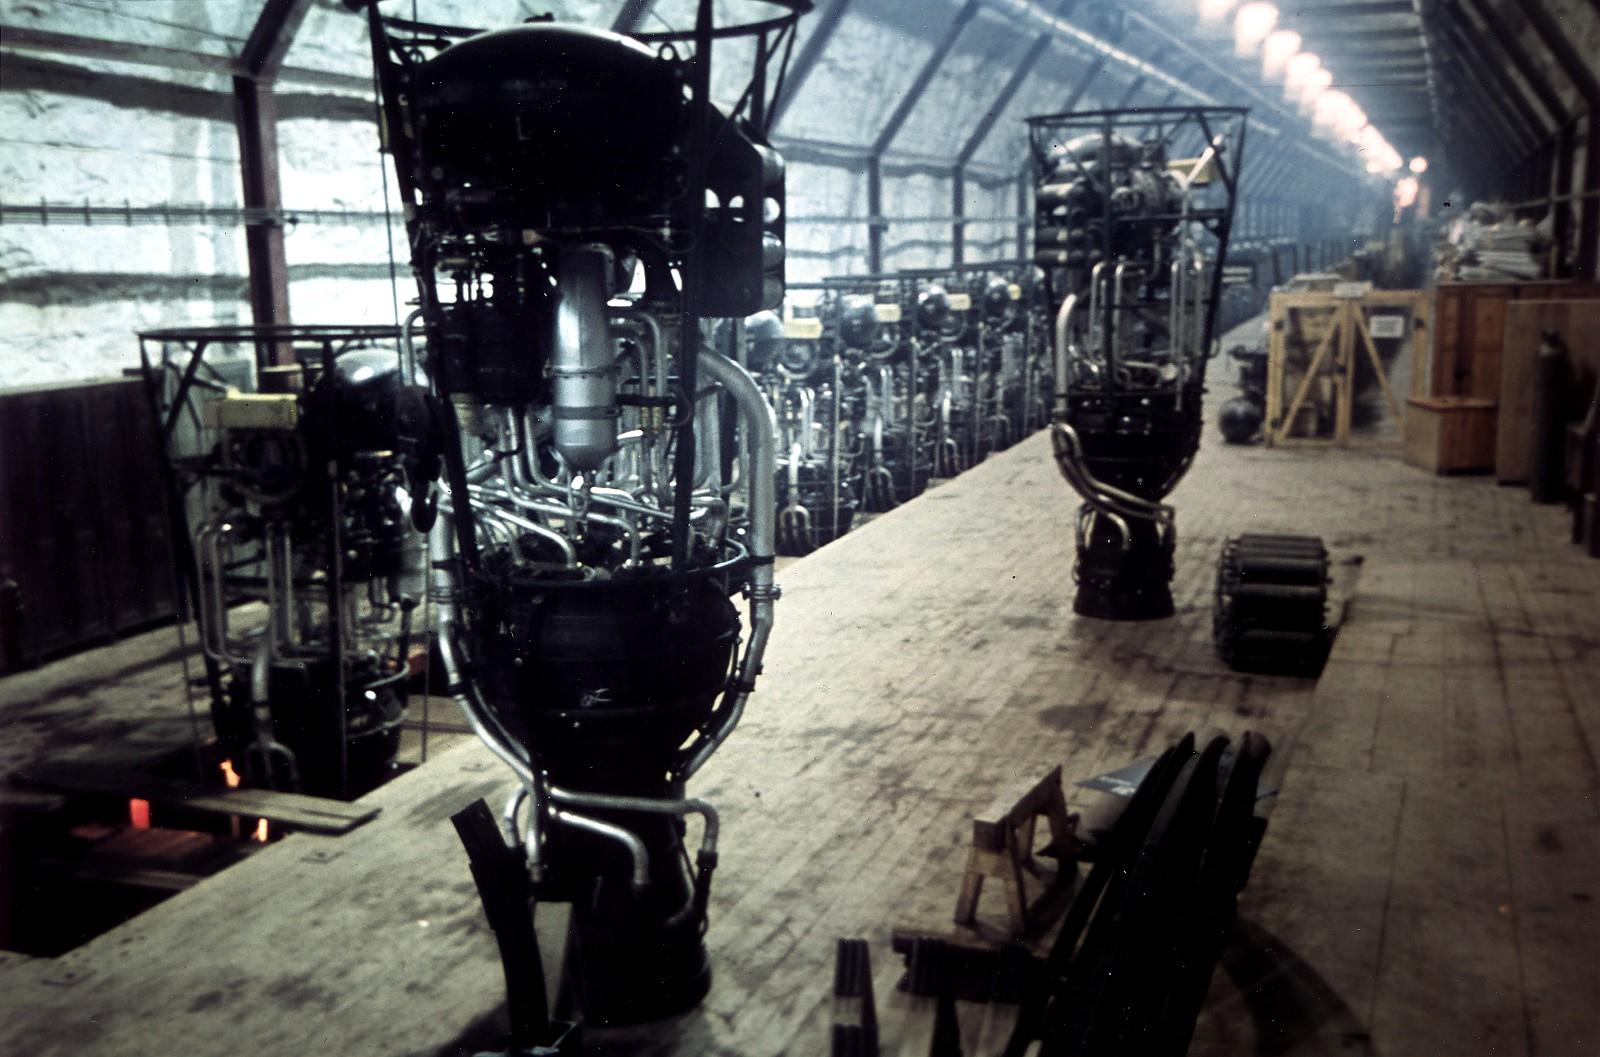 Двигатели ракет «Фау-2» (V-2) в подземном сборочном цехе.